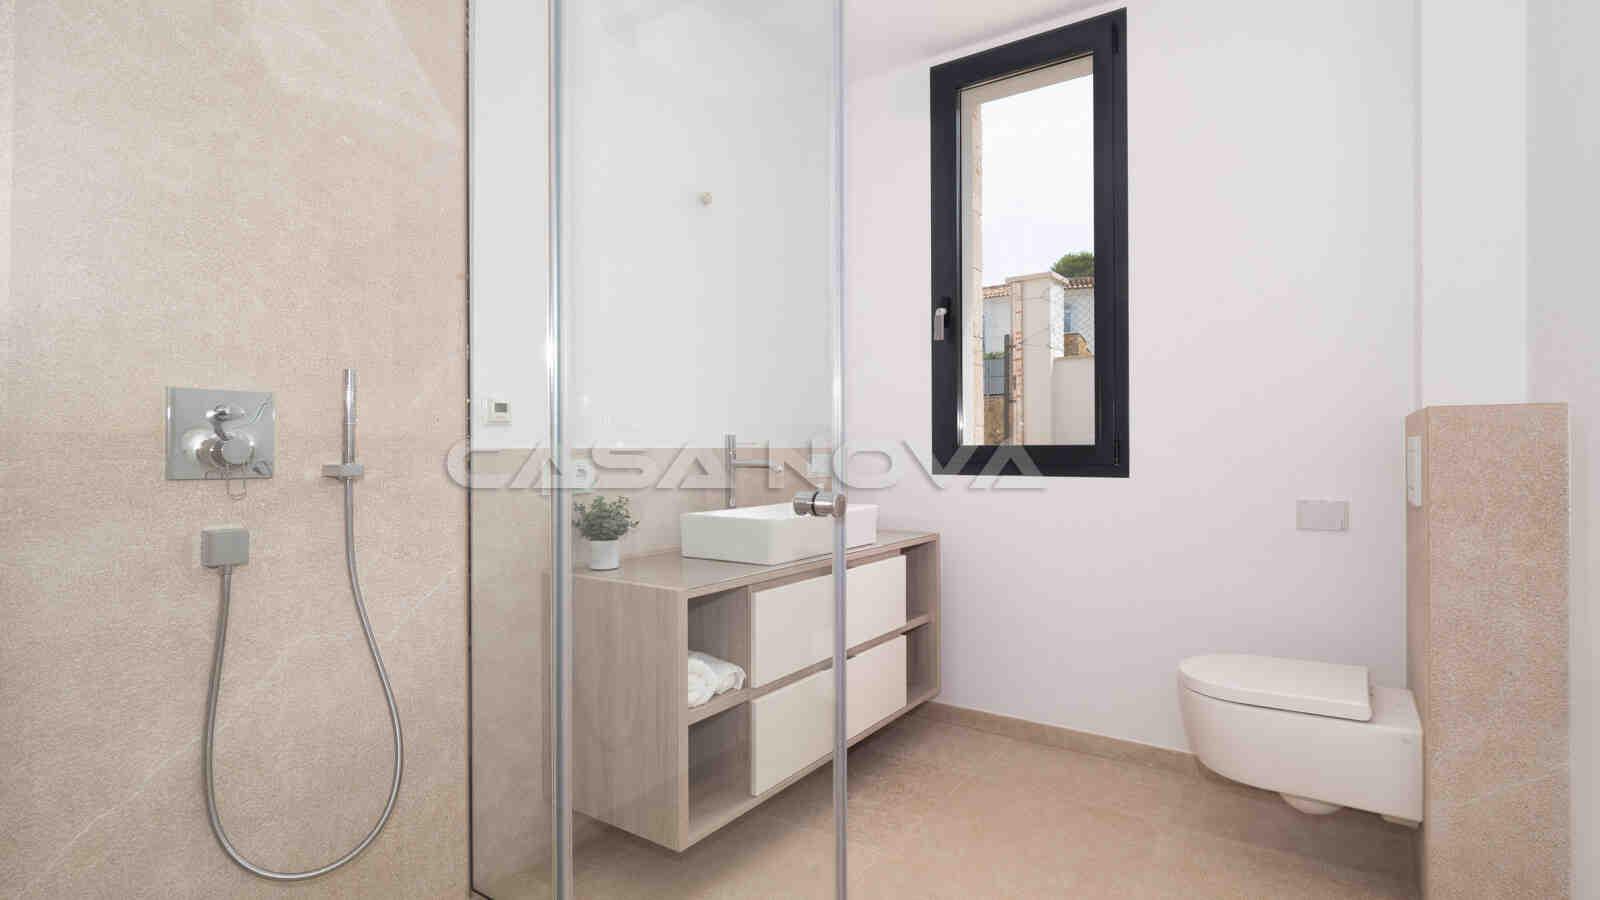 Ref. 2403057 - Luxusvilla mit Meerblick in begehrter Villenlage